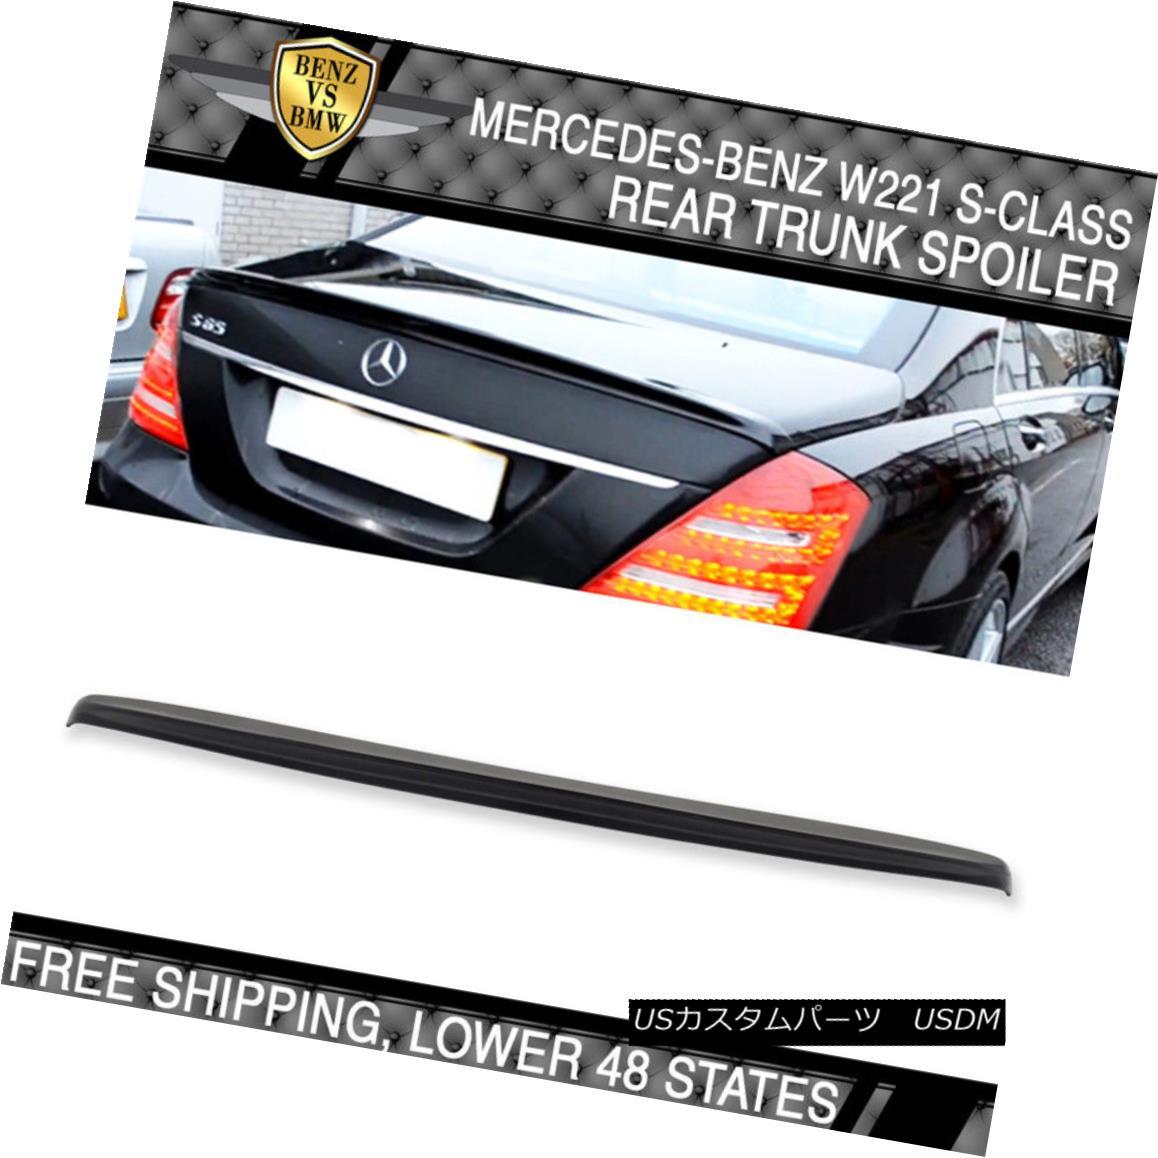 エアロパーツ 07-13 Benz S Class W221 4Dr Sedan AMG Style Unpainted ABS Trunk Spoiler 07-13ベンツSクラスW221 4DrセダンAMGスタイル無塗装ABSトランク・スポイラー